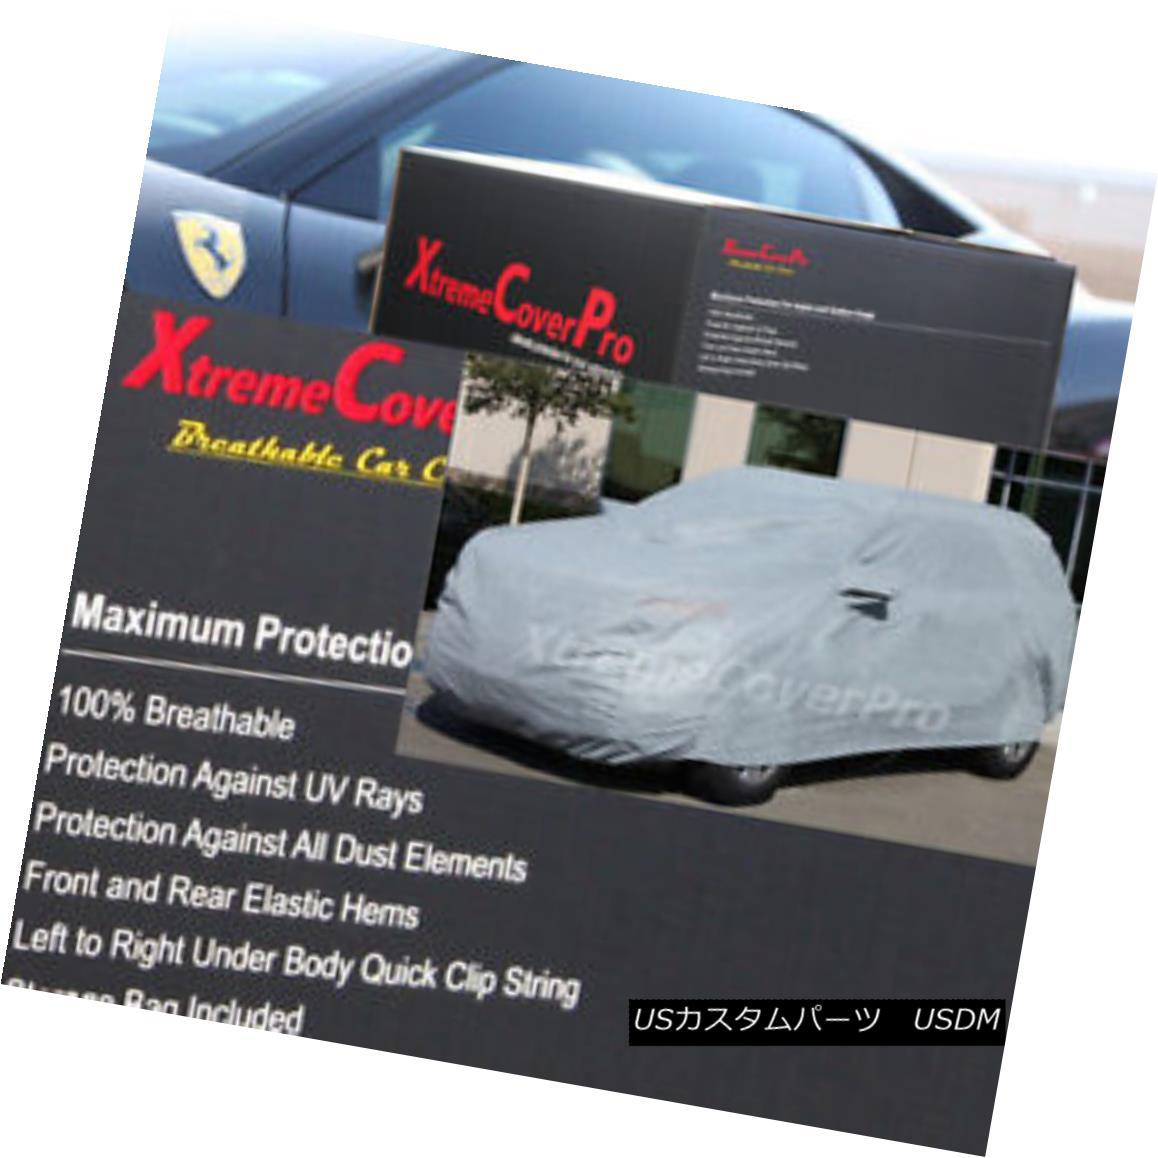 カーカバー 2015 CHEVROLET EQUINOX Breathable Car Cover w/Mirror Pockets - Gray 2015 CHEVROLET EQUINOX通気性の車カバー、ミラーポケット付き - グレー